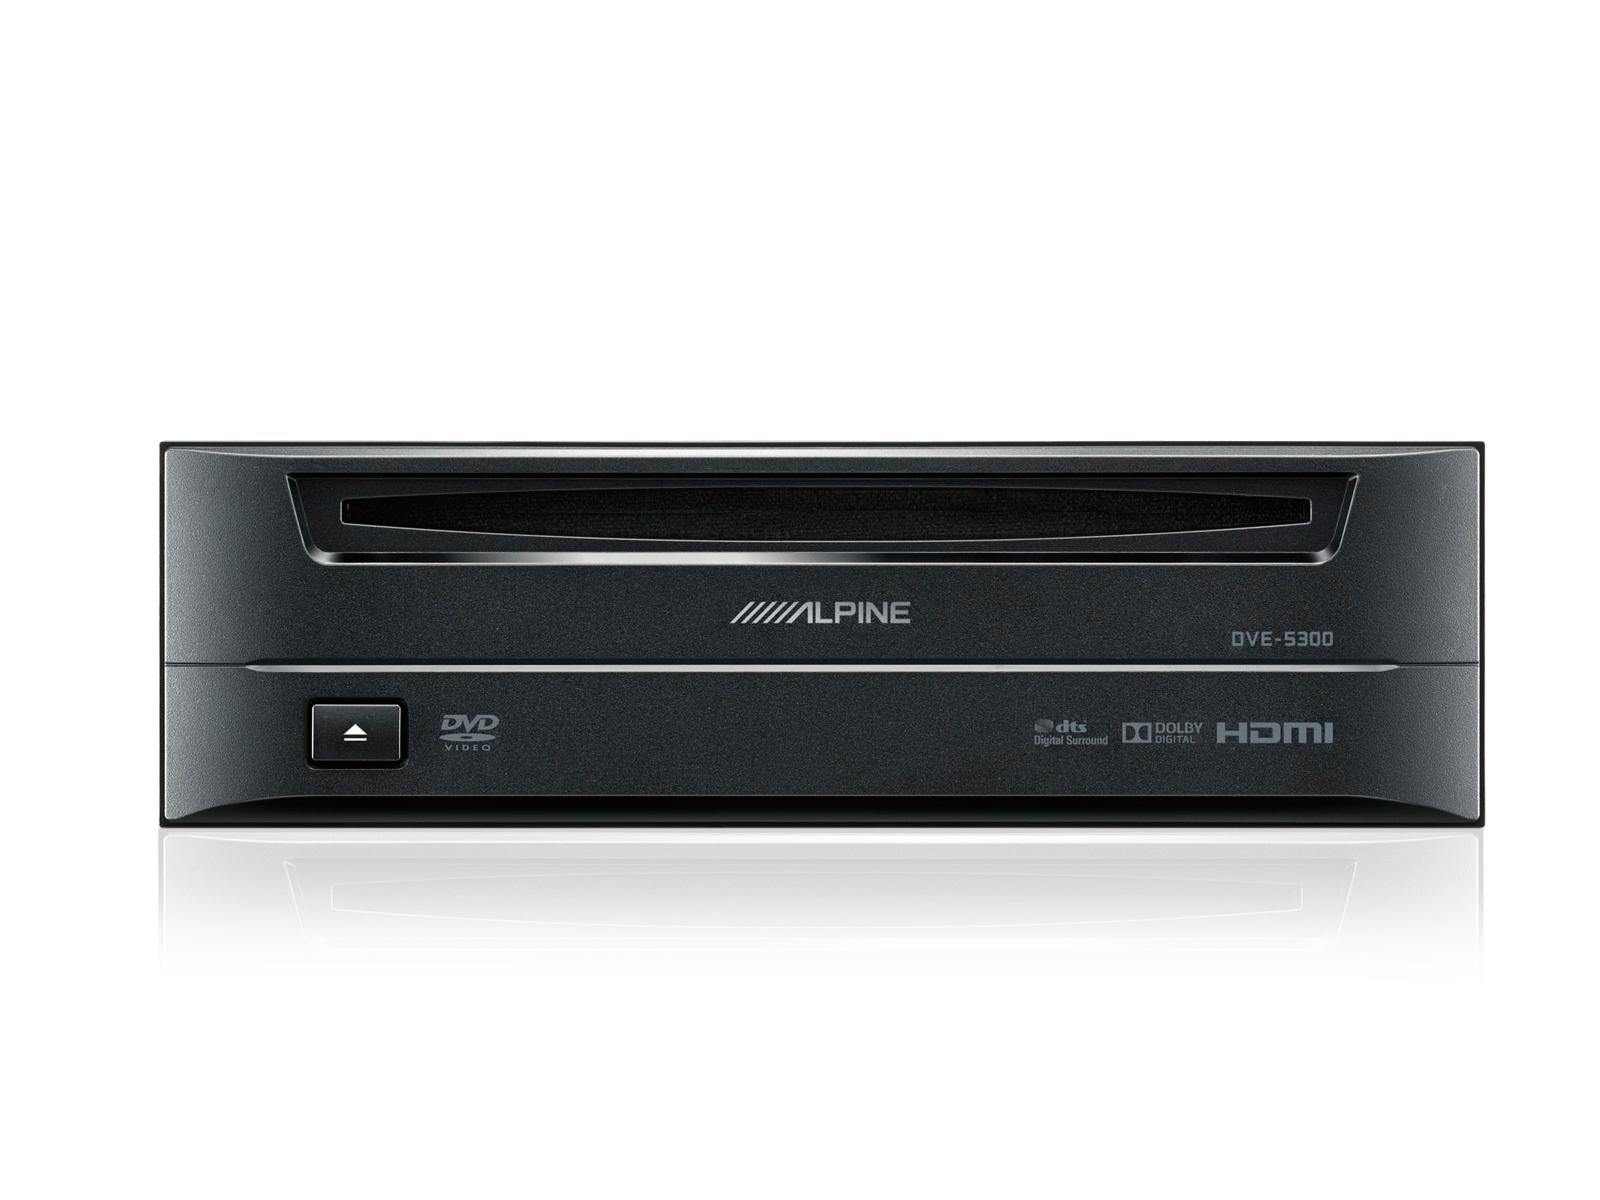 Alpine DVE-5300 Externer DVD-Player für INE-W710D, X802D-U und X902D